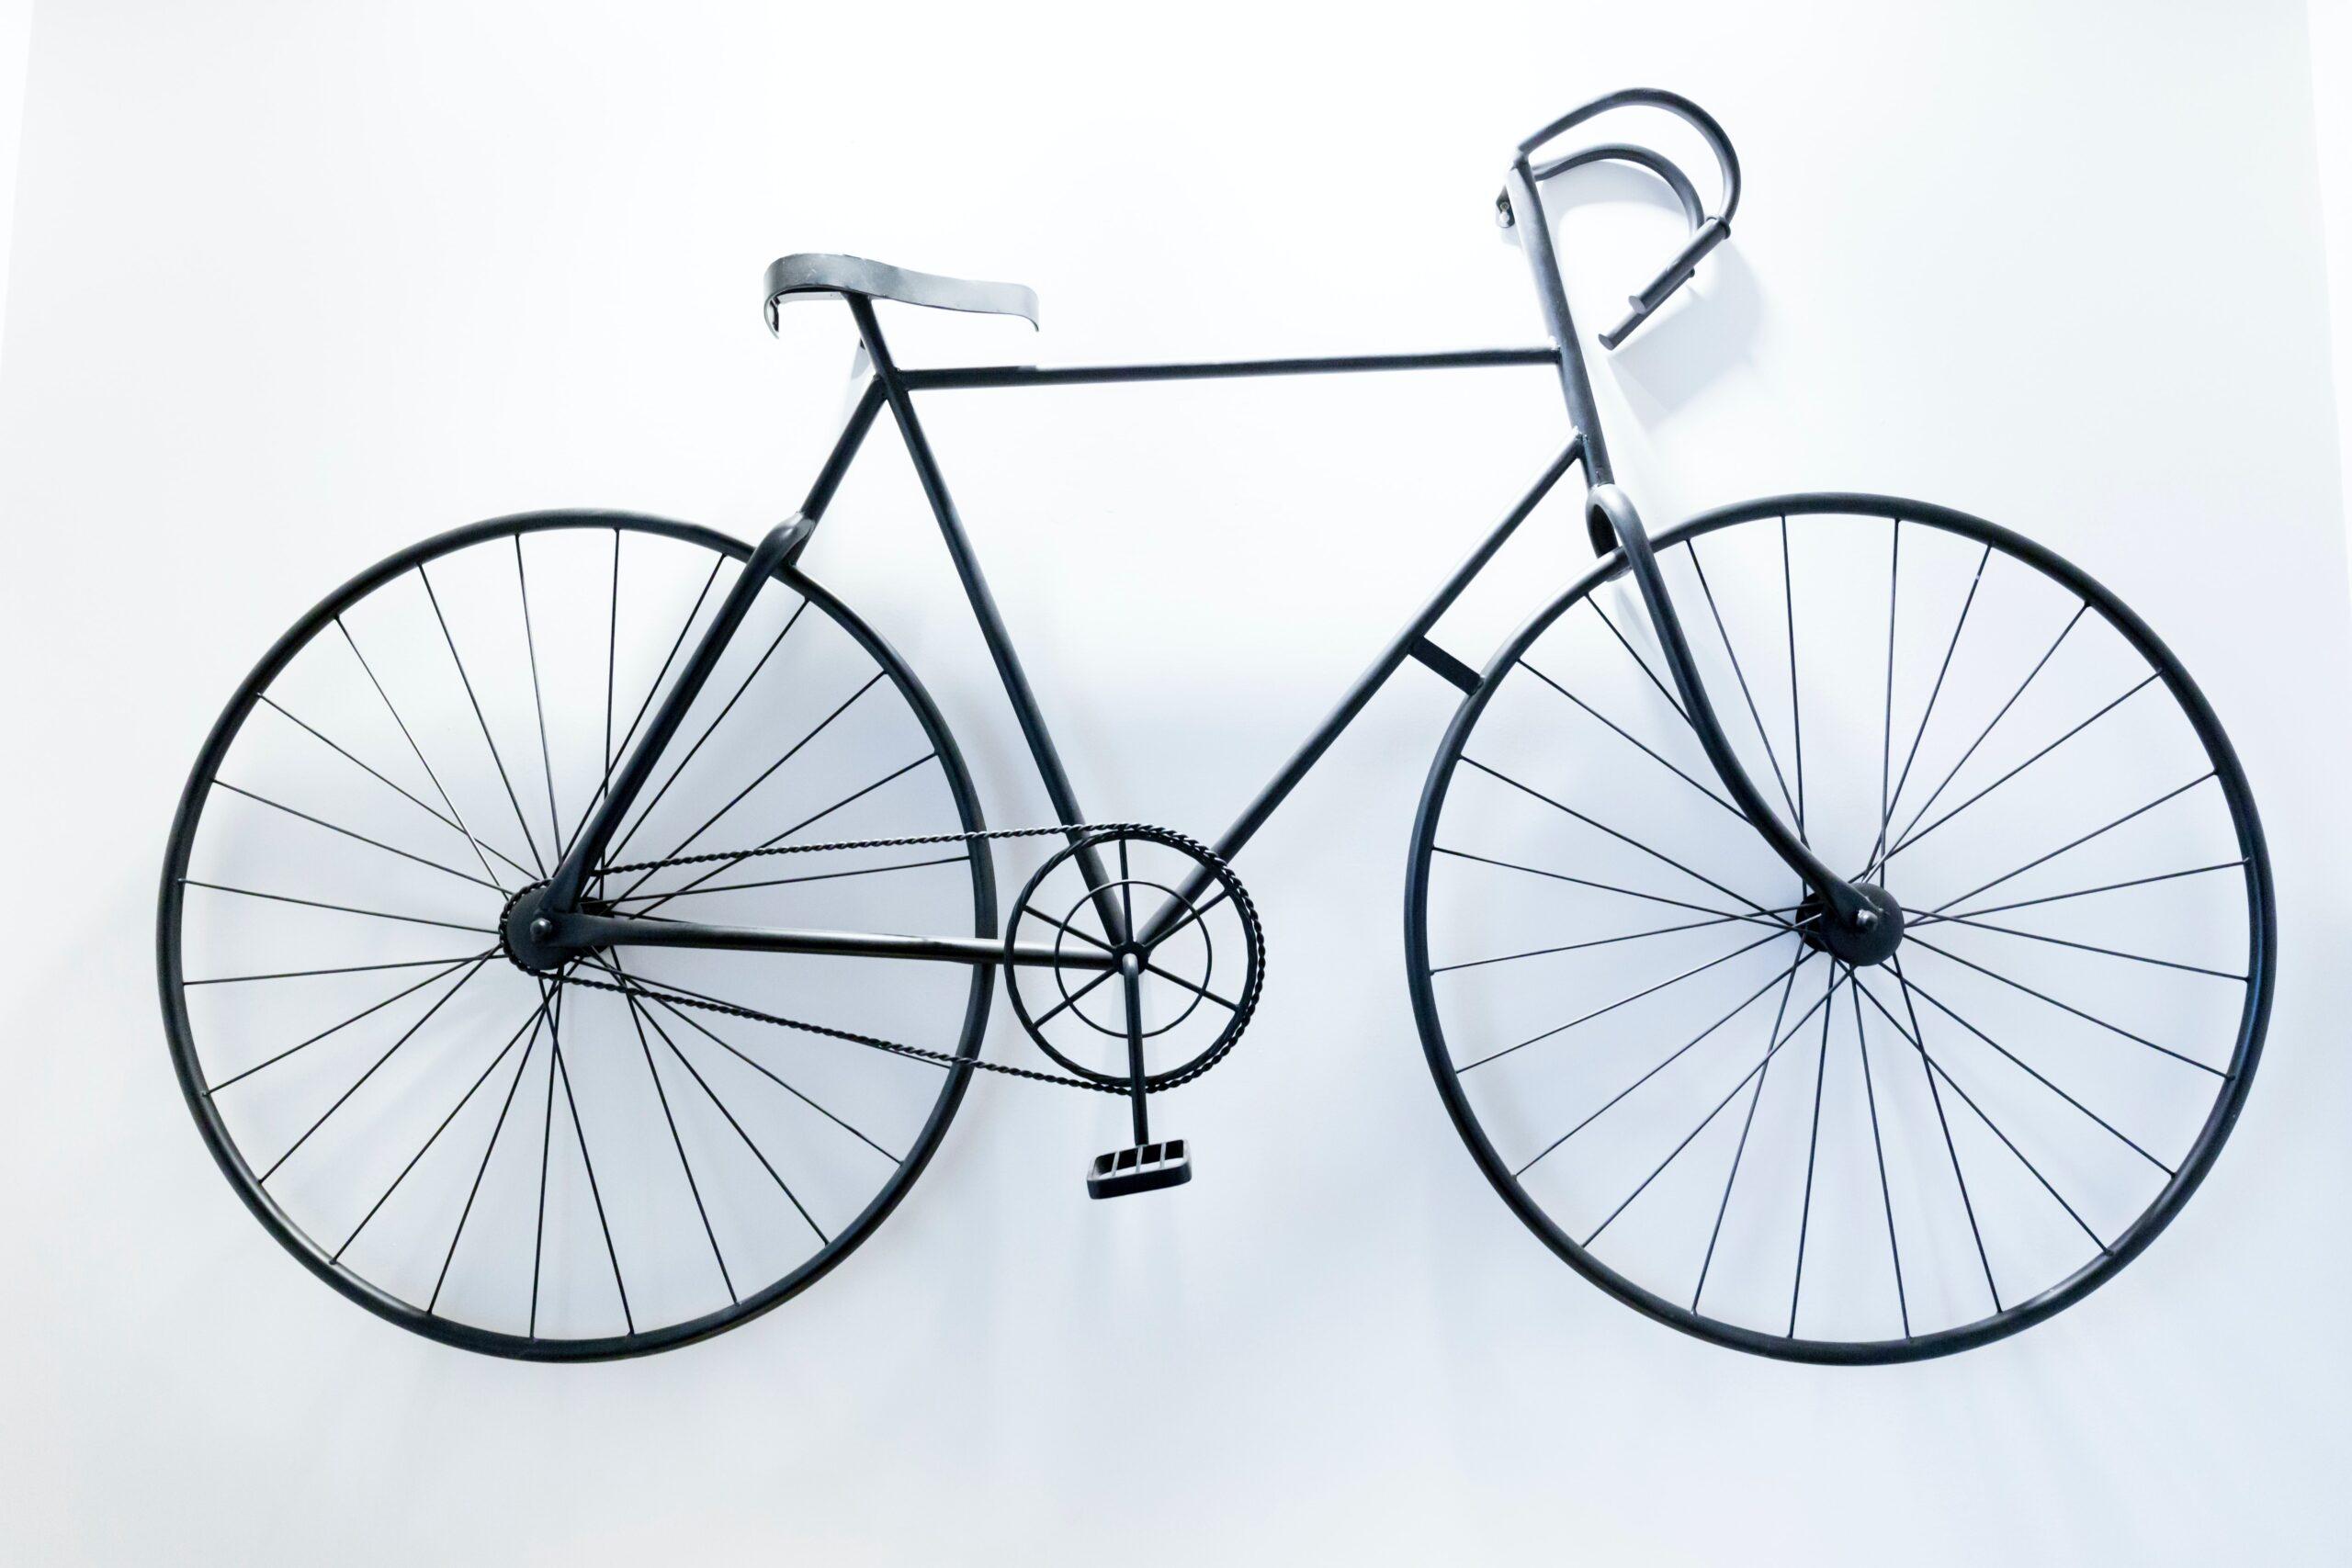 jak przechowywać rower w mieszkaniu